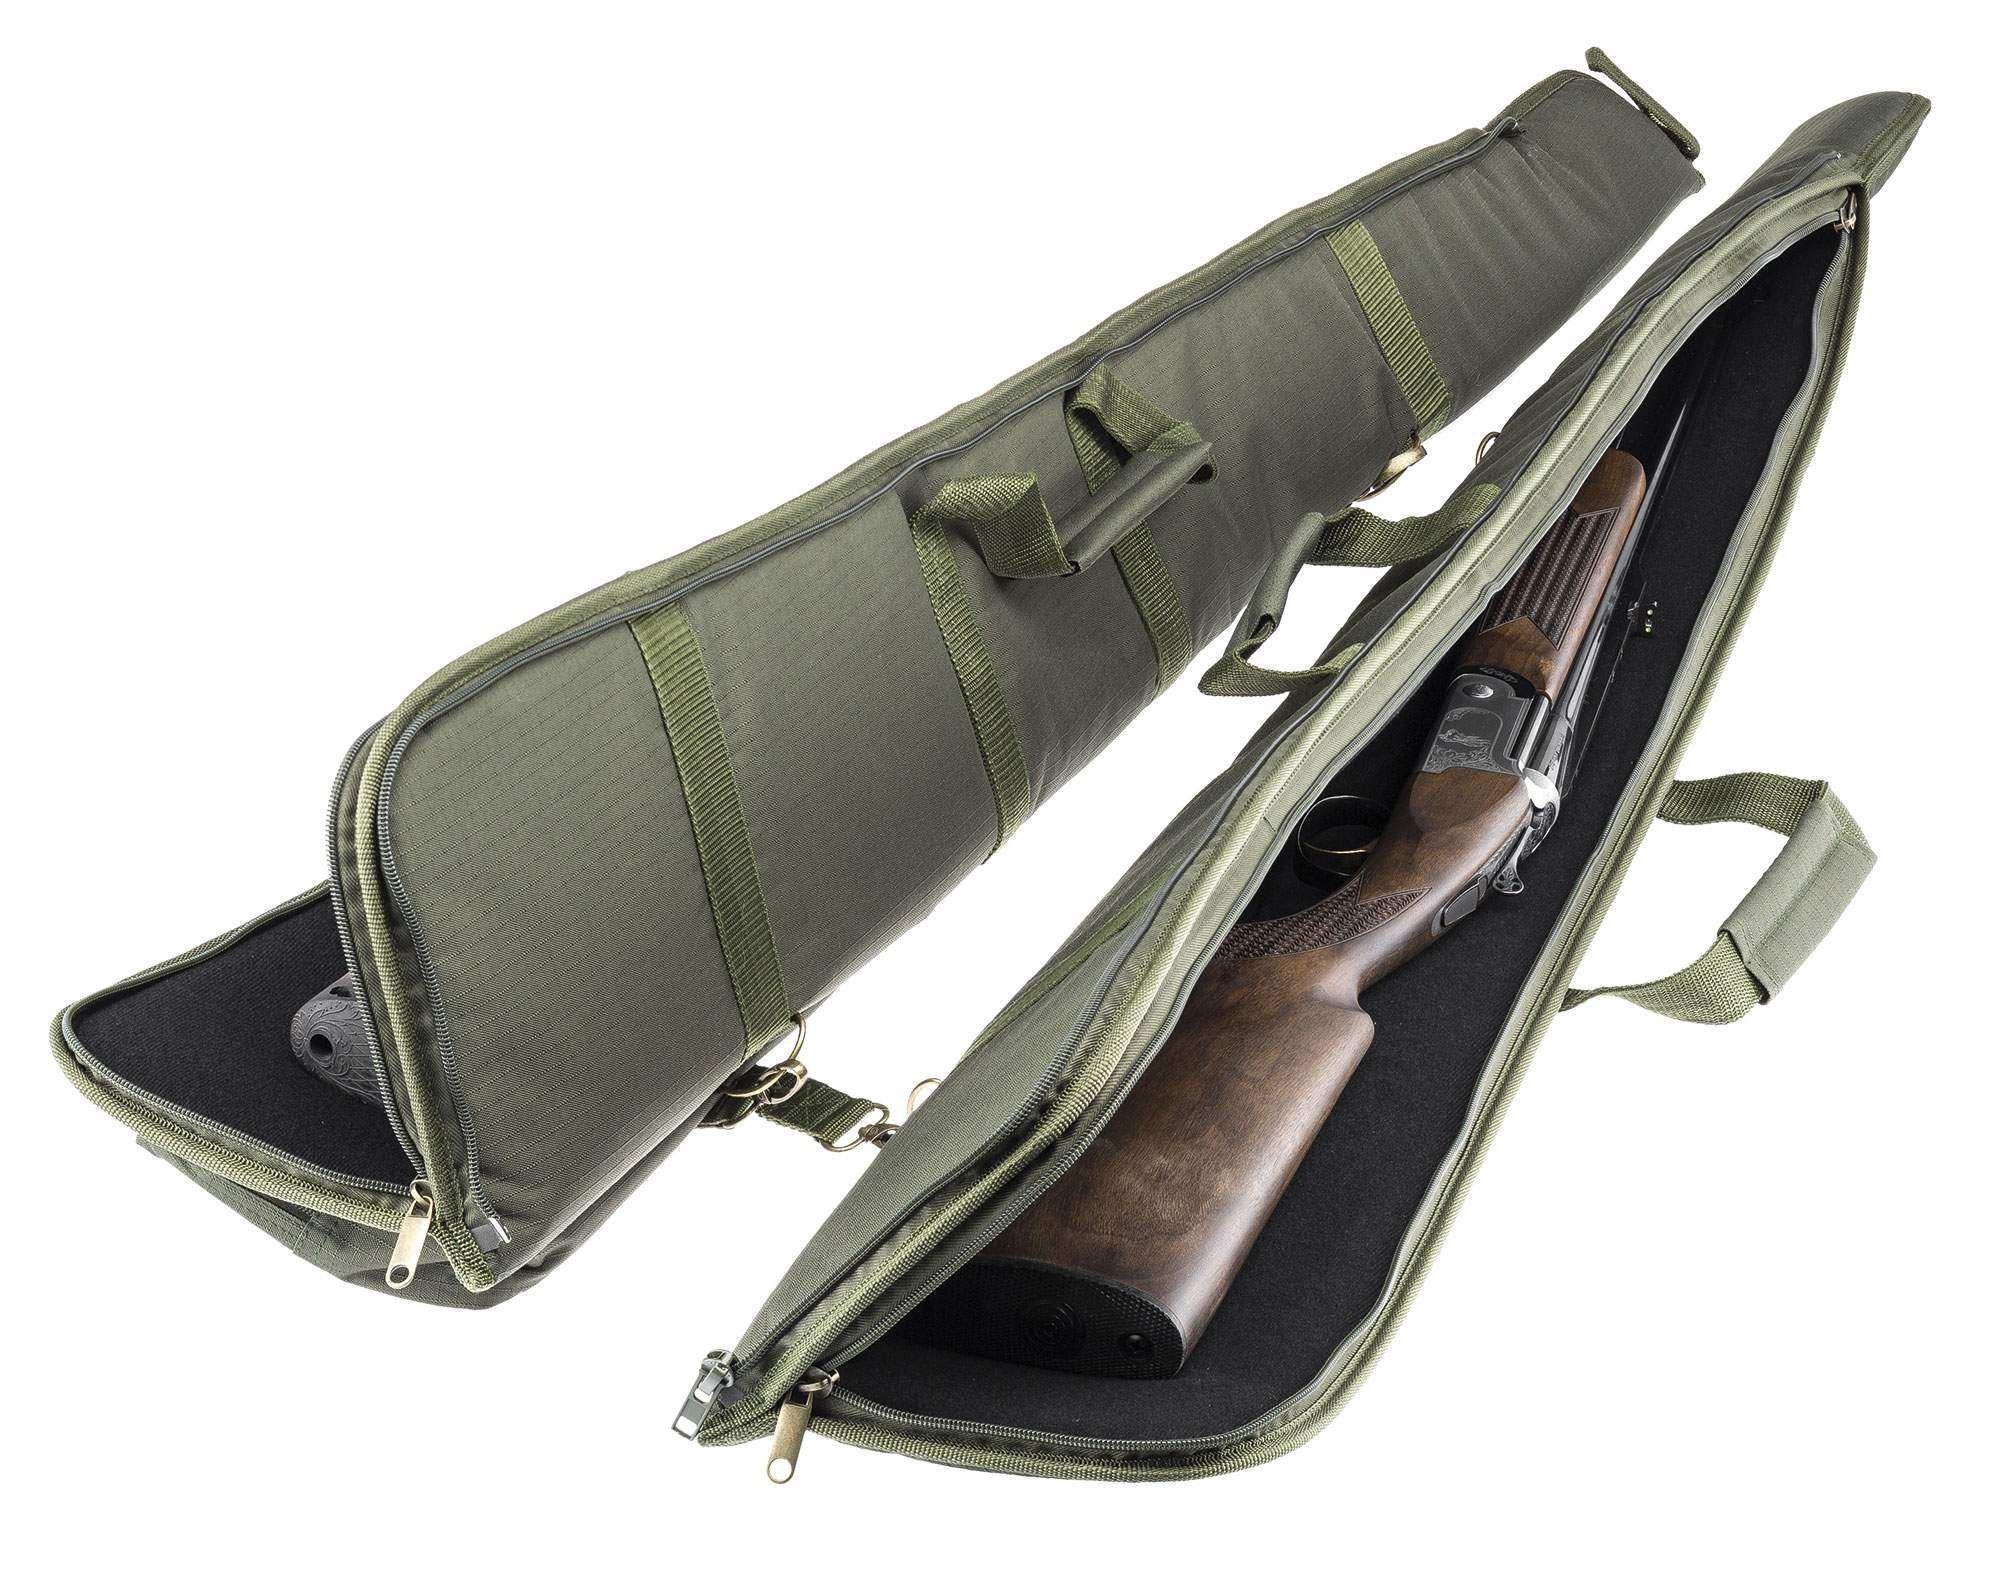 housse a fusil de chasse